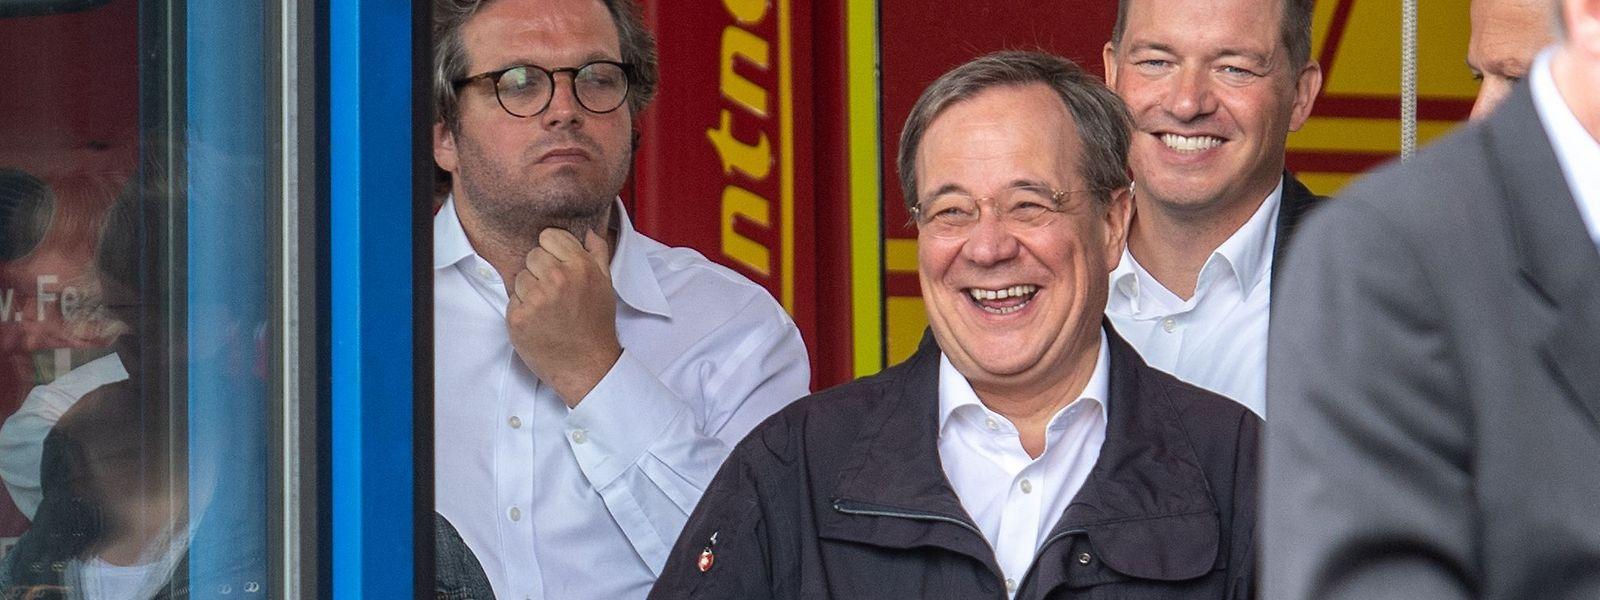 CDU-Kanzlerkandidat Armin Laschet lacht während einer Rede von Bundespräsident Steinmeier im schwer getroffenen Erftstadt.